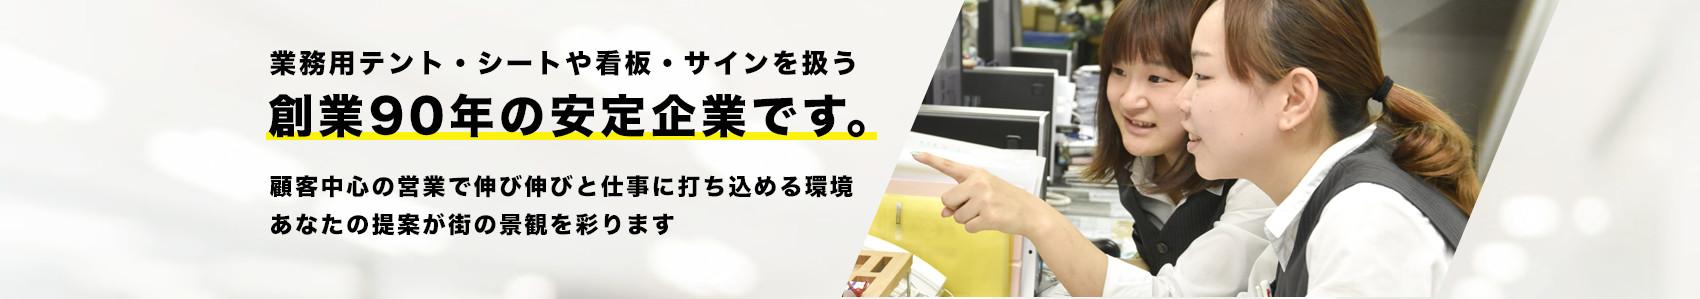 営業<br>(建築事業部・名古屋市守山区勤務)